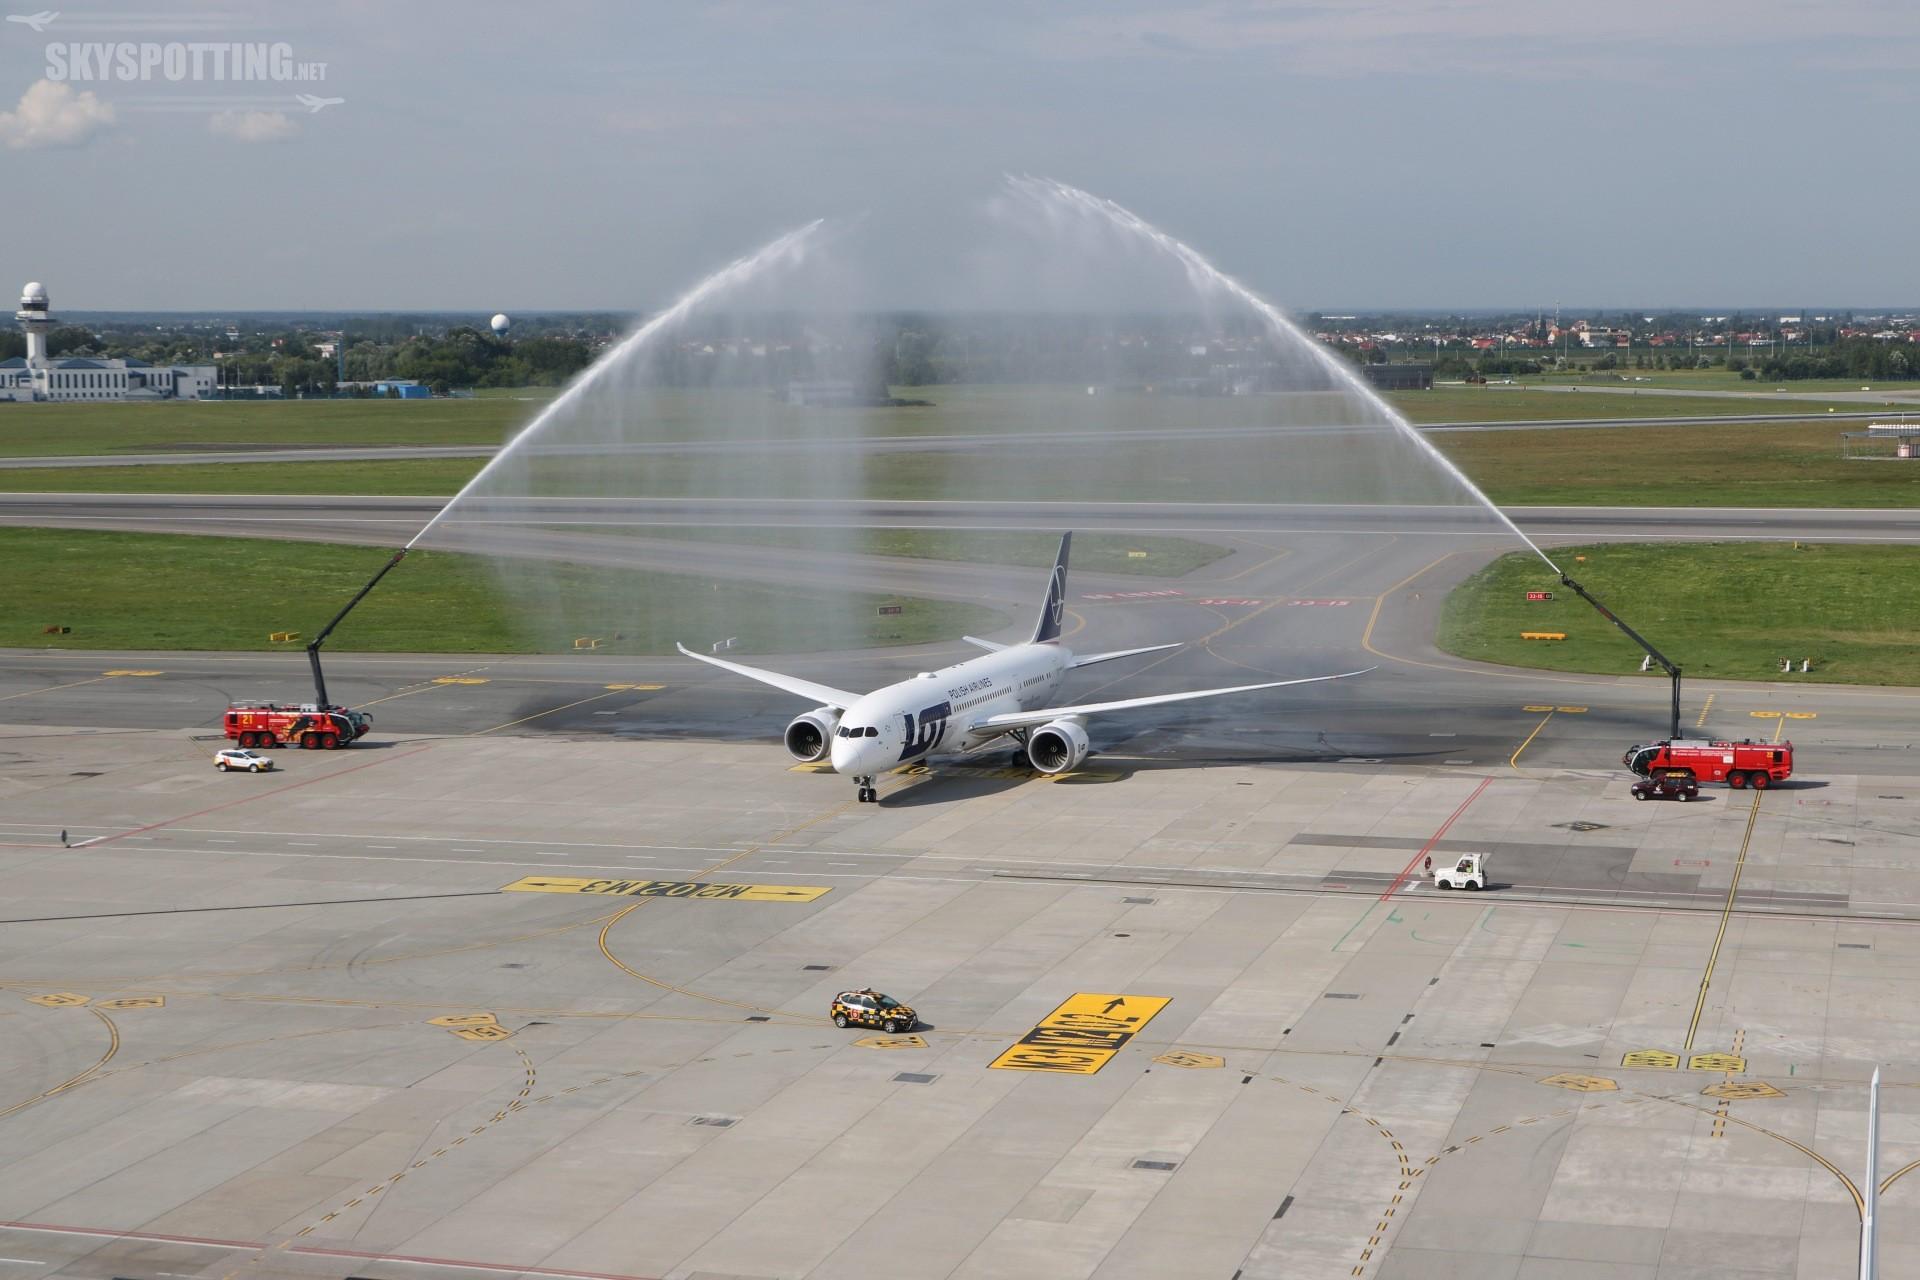 LOT odebrał ósmego Dreamlinera i planuje rozwój floty